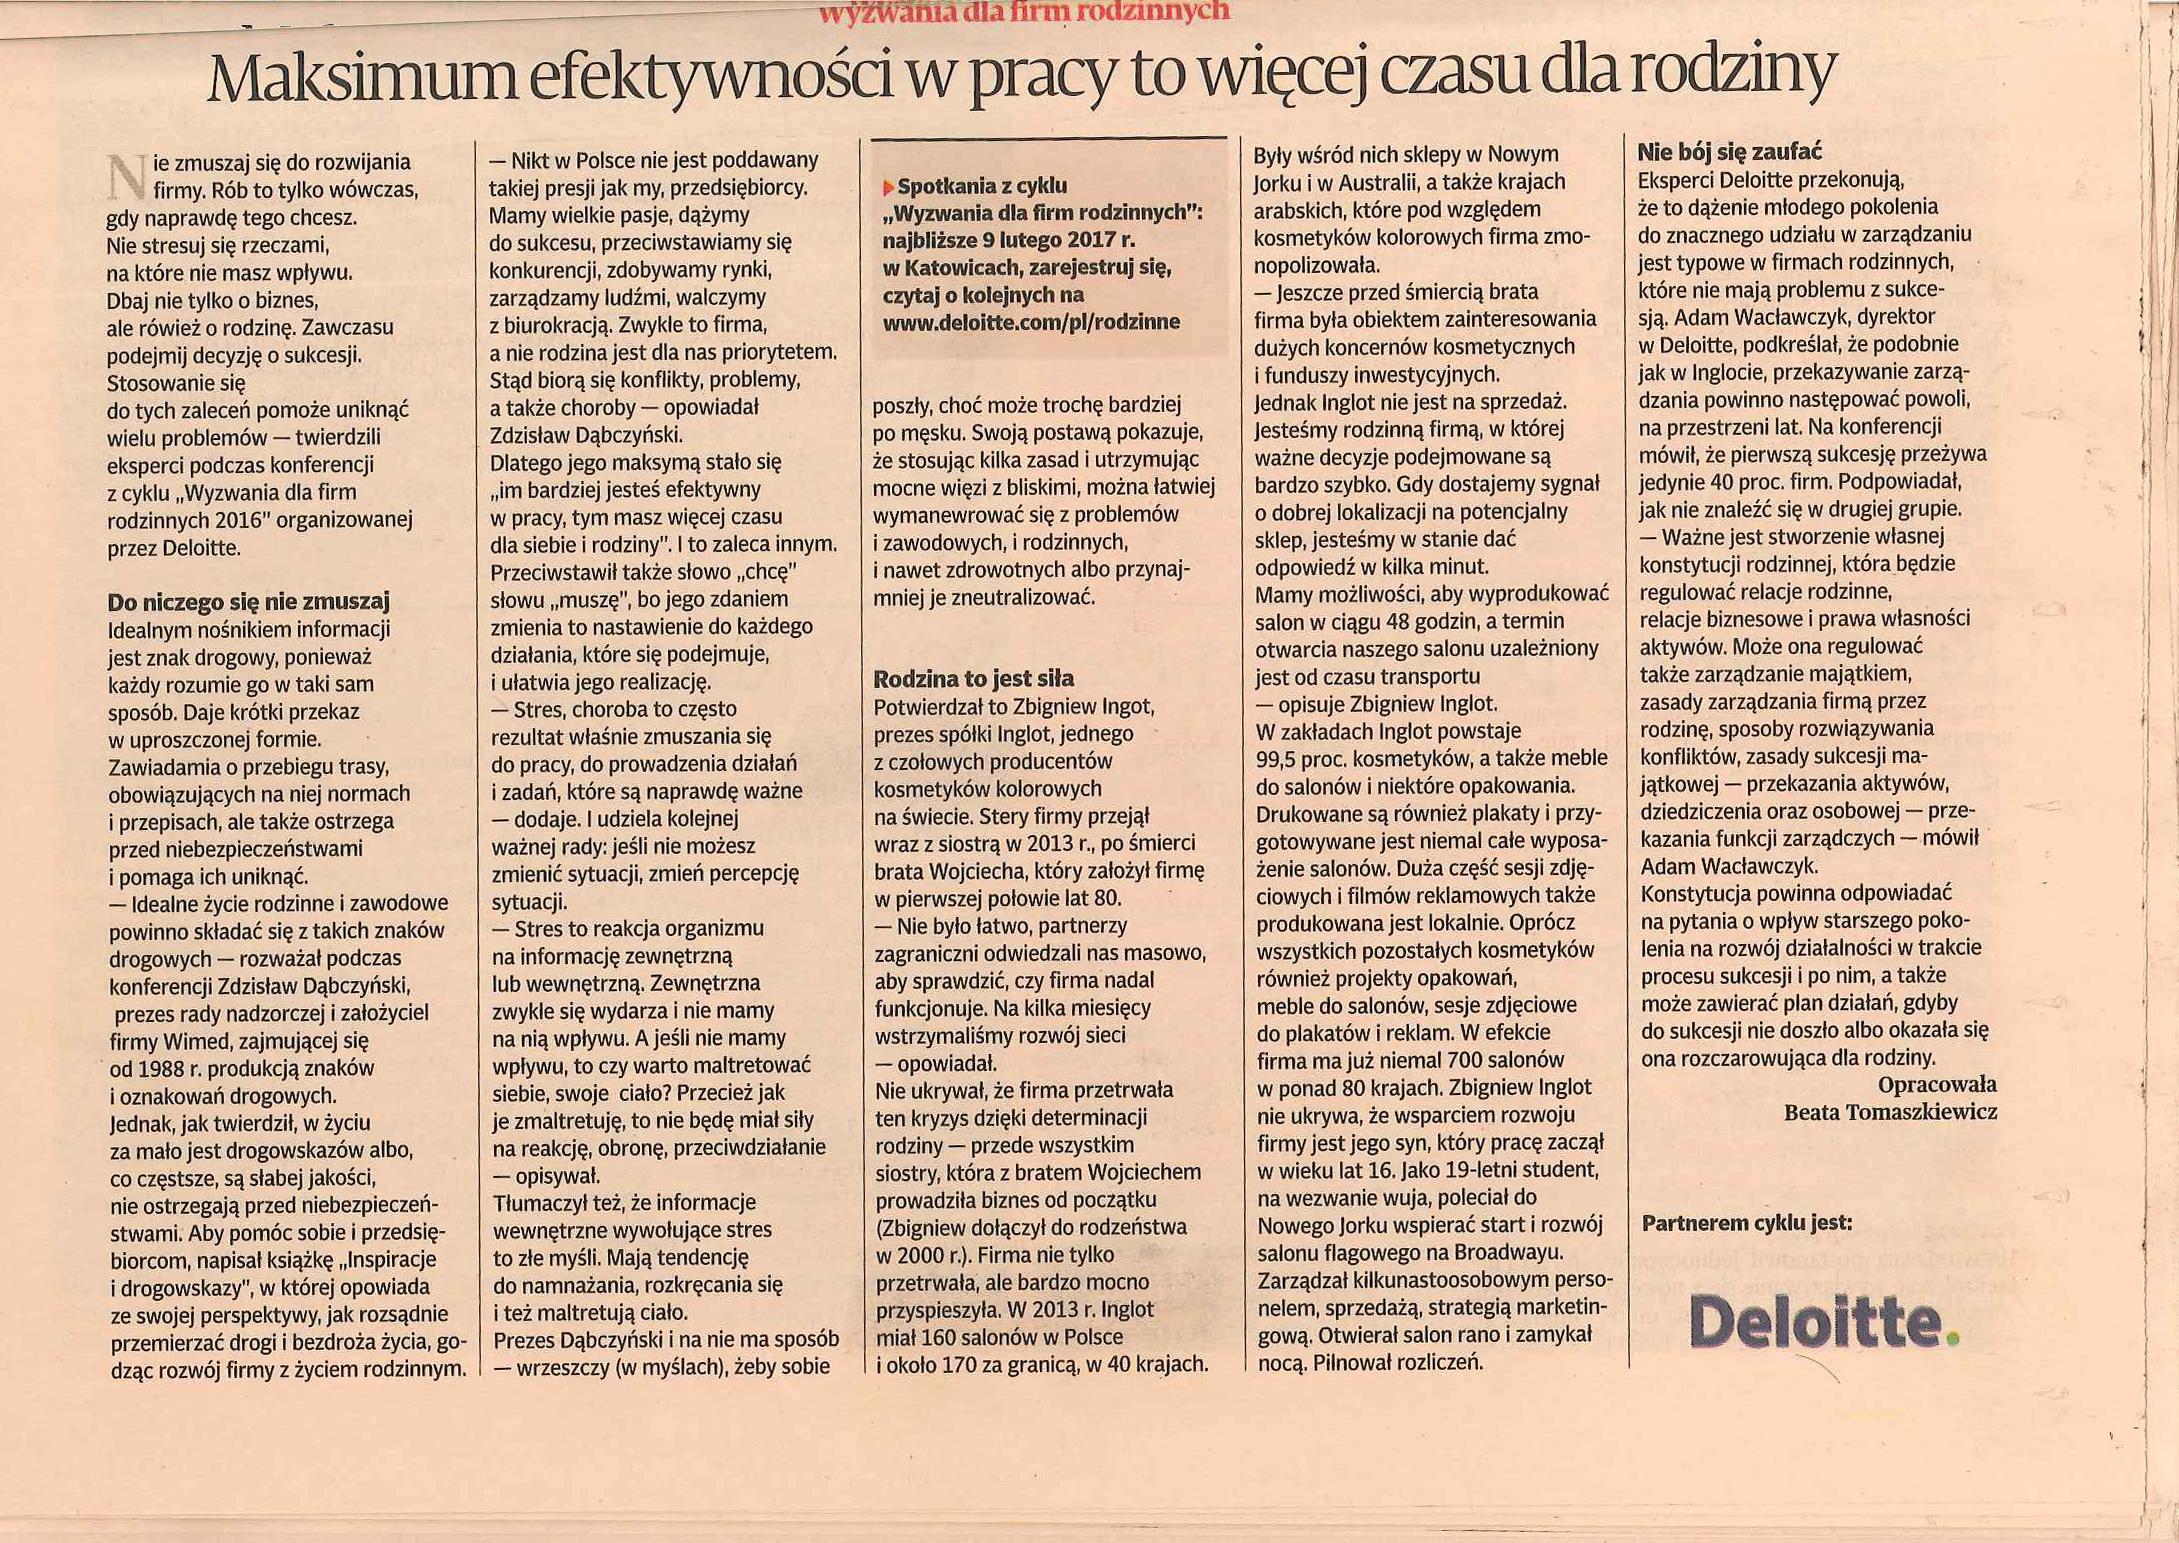 Maksimum efektywności. Spotkania pod patronatem Deloitte. Zdzisław Dąbczyński.